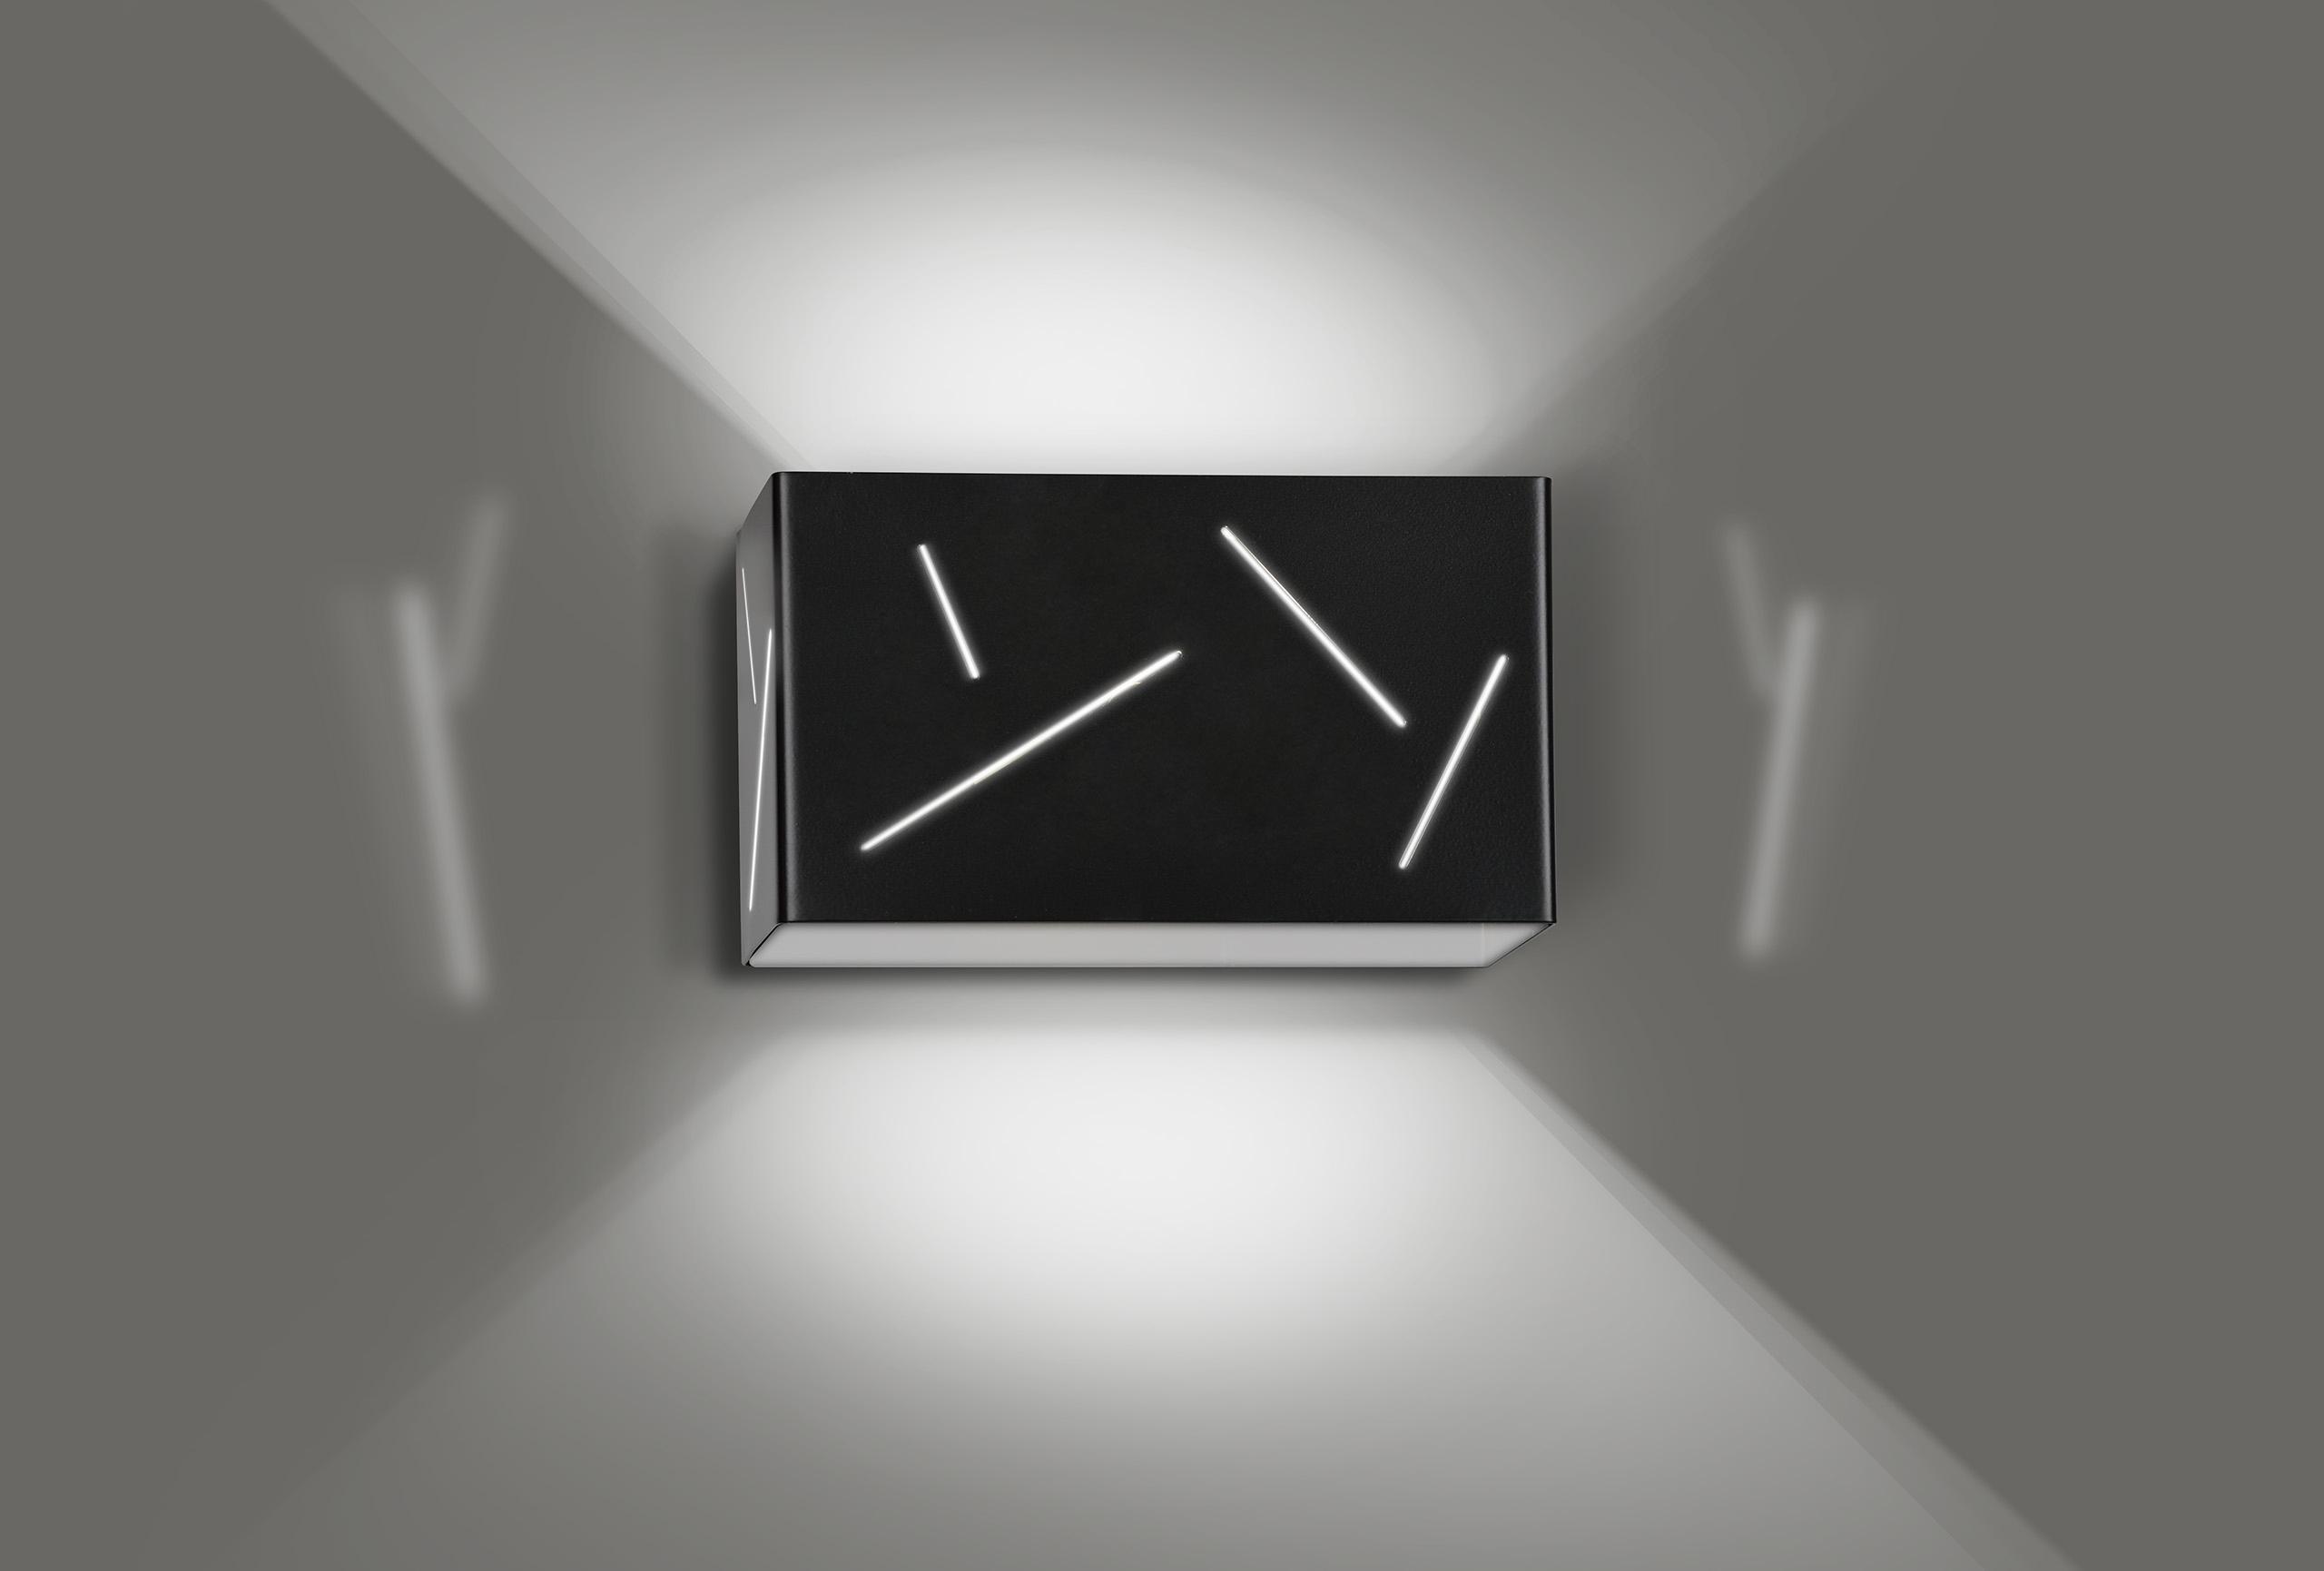 Wandlampe Indirekte Beleuchtung Schwarz eckig Modern